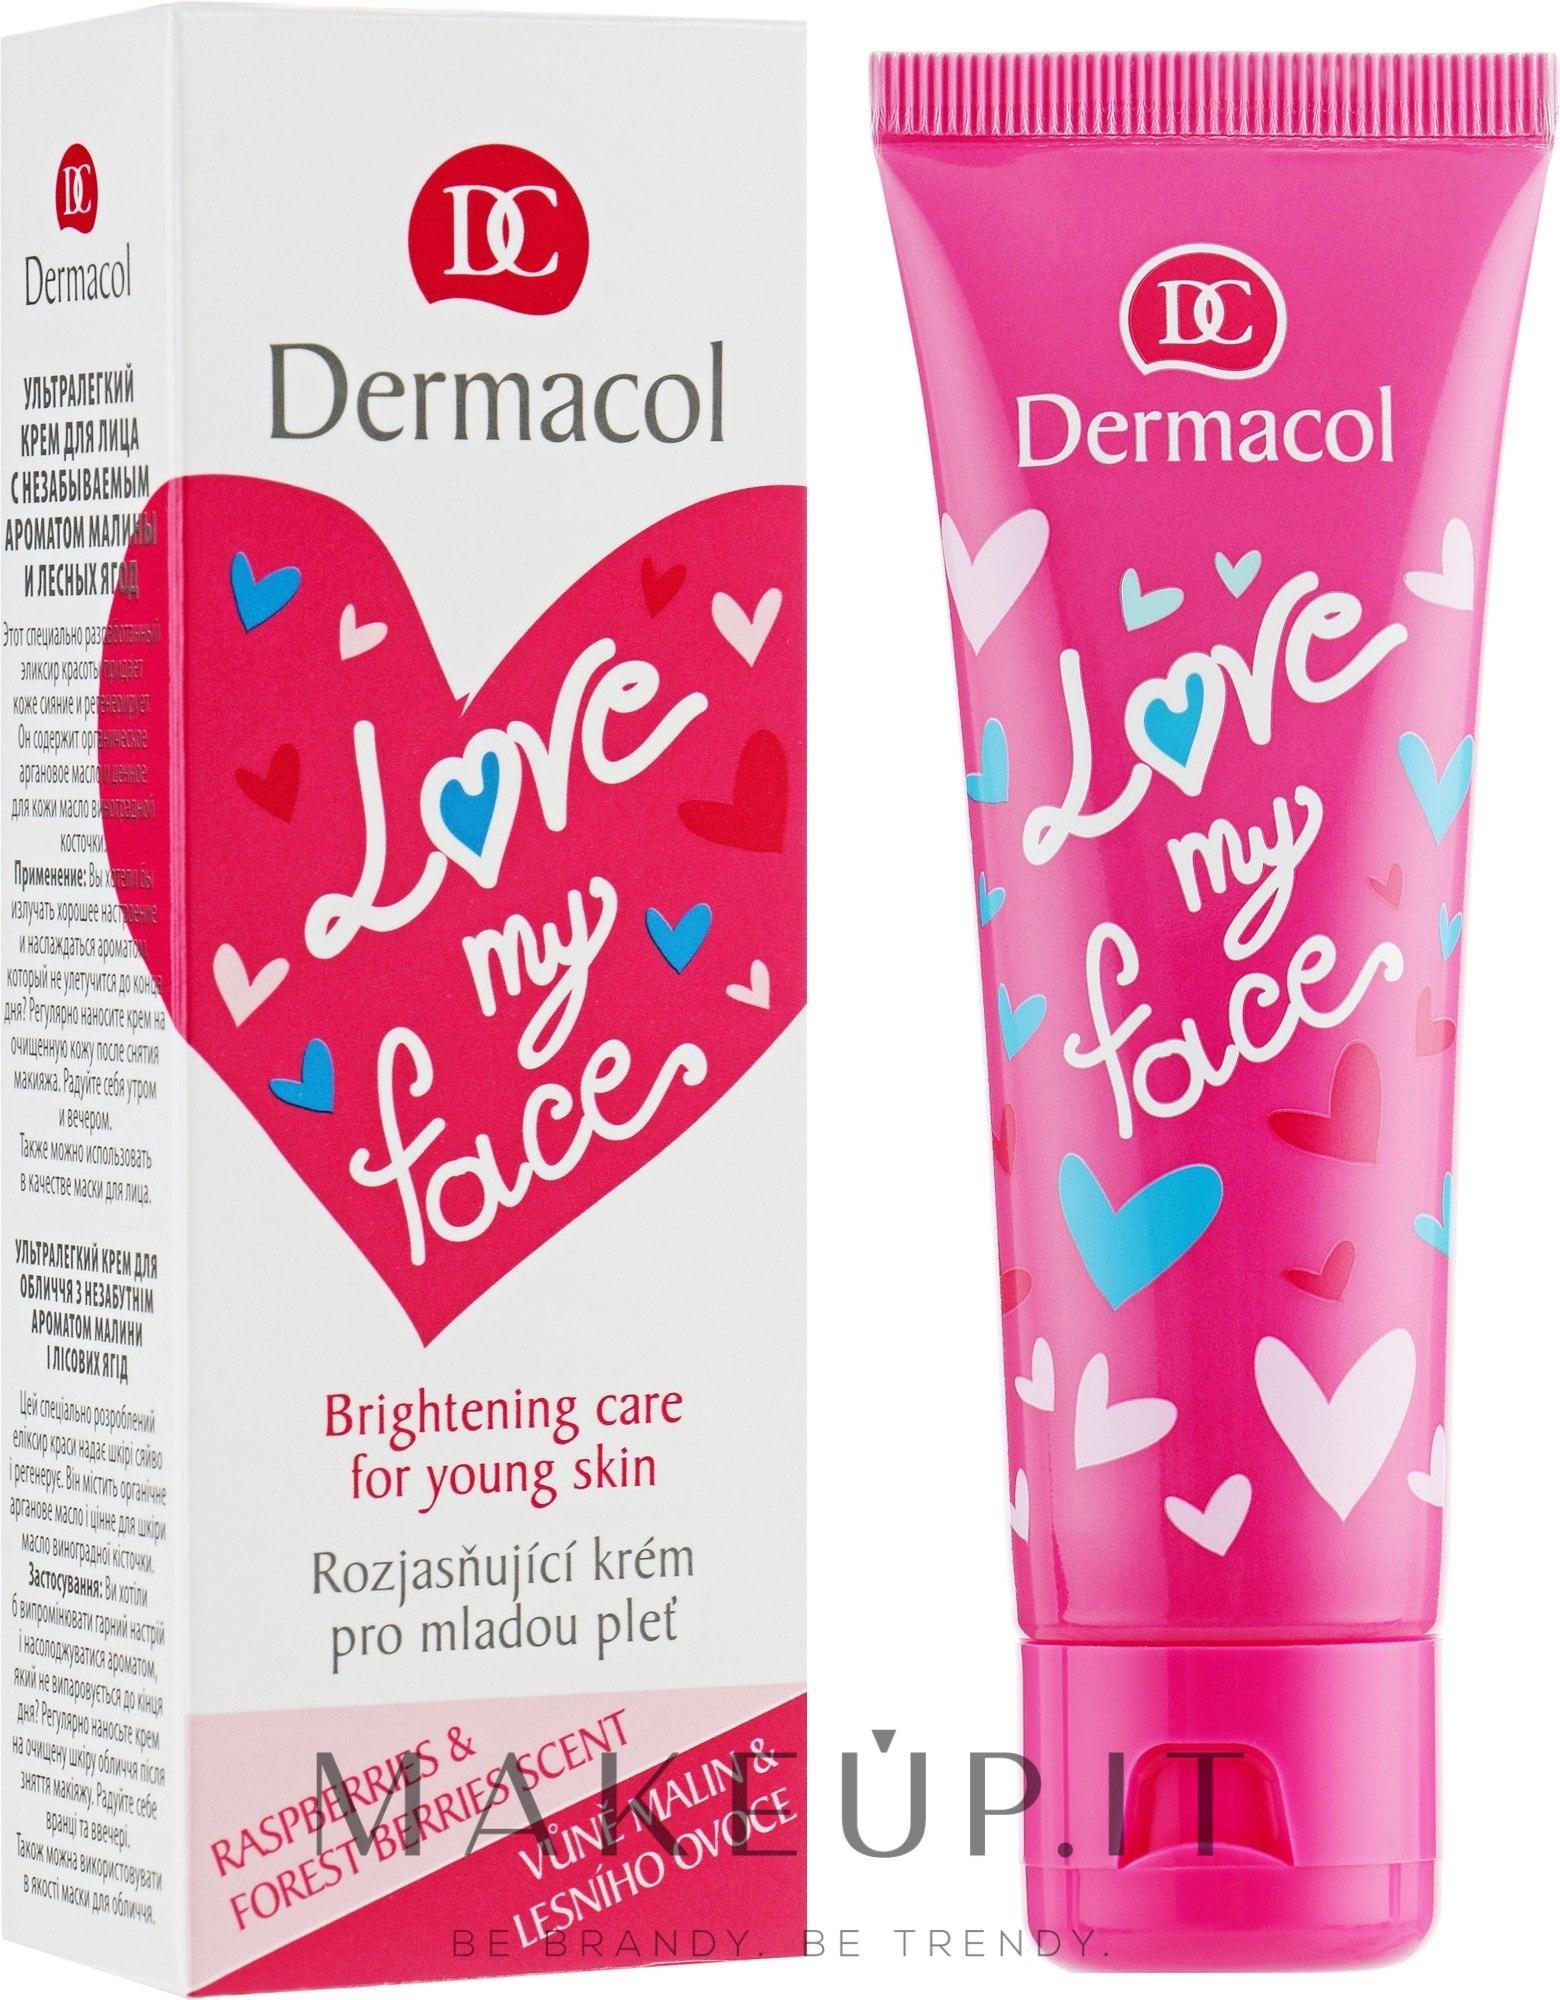 Emulsione per il viso con aroma di lamponi e frutti di bosco - Dermacol Love My Face Rasberries & Forst Berries Scent Face Cream — foto 50 ml